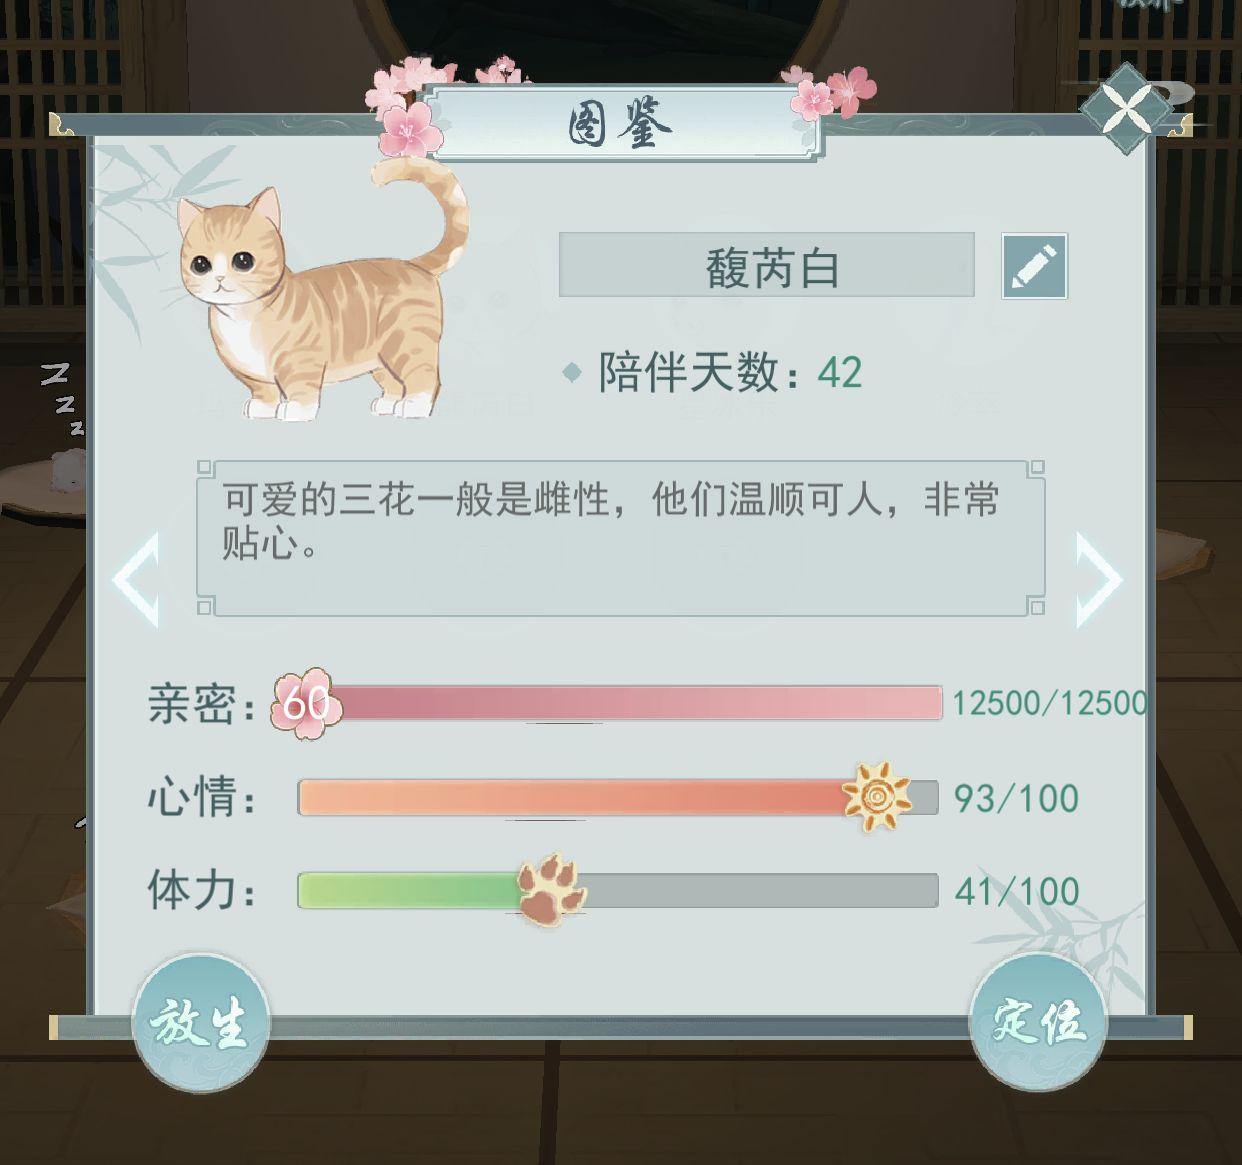 江湖悠悠60级宠物怎么培养 60级宠物养成攻略[多图]